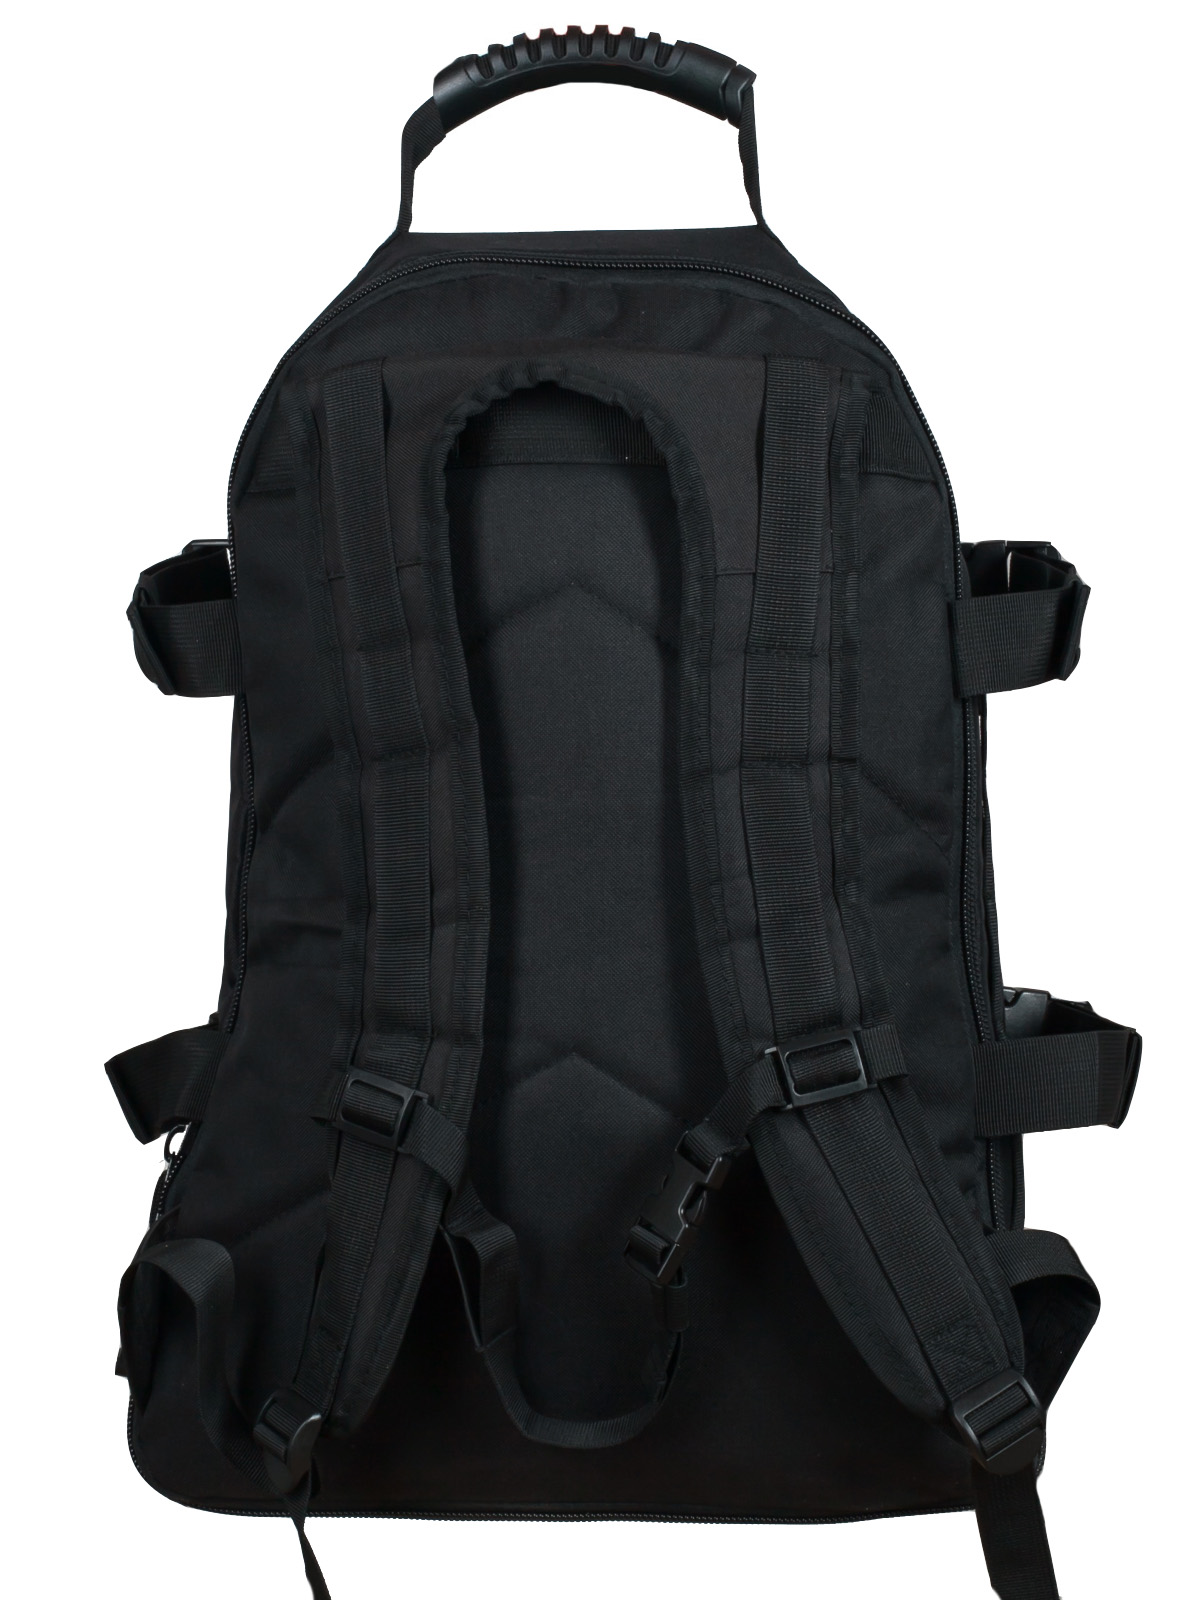 Черный рюкзак универсального назначения с нашивкой РХБЗ купить с доставкой или самовывозом